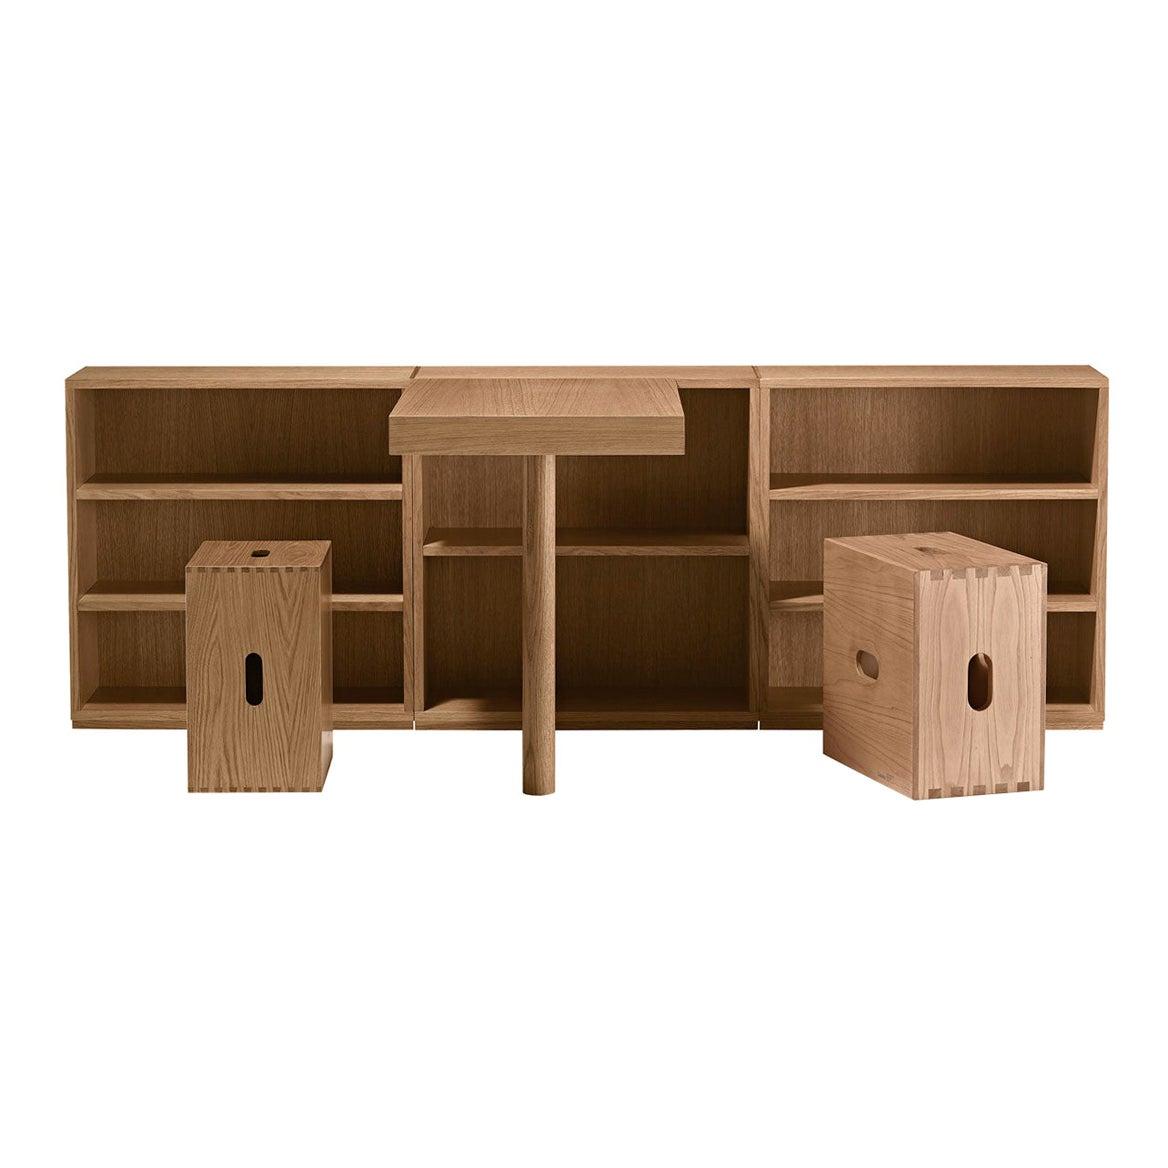 Le Corbusier LC16 Desk and Shelve with Maison du Brésil and Cabanon Stools Set